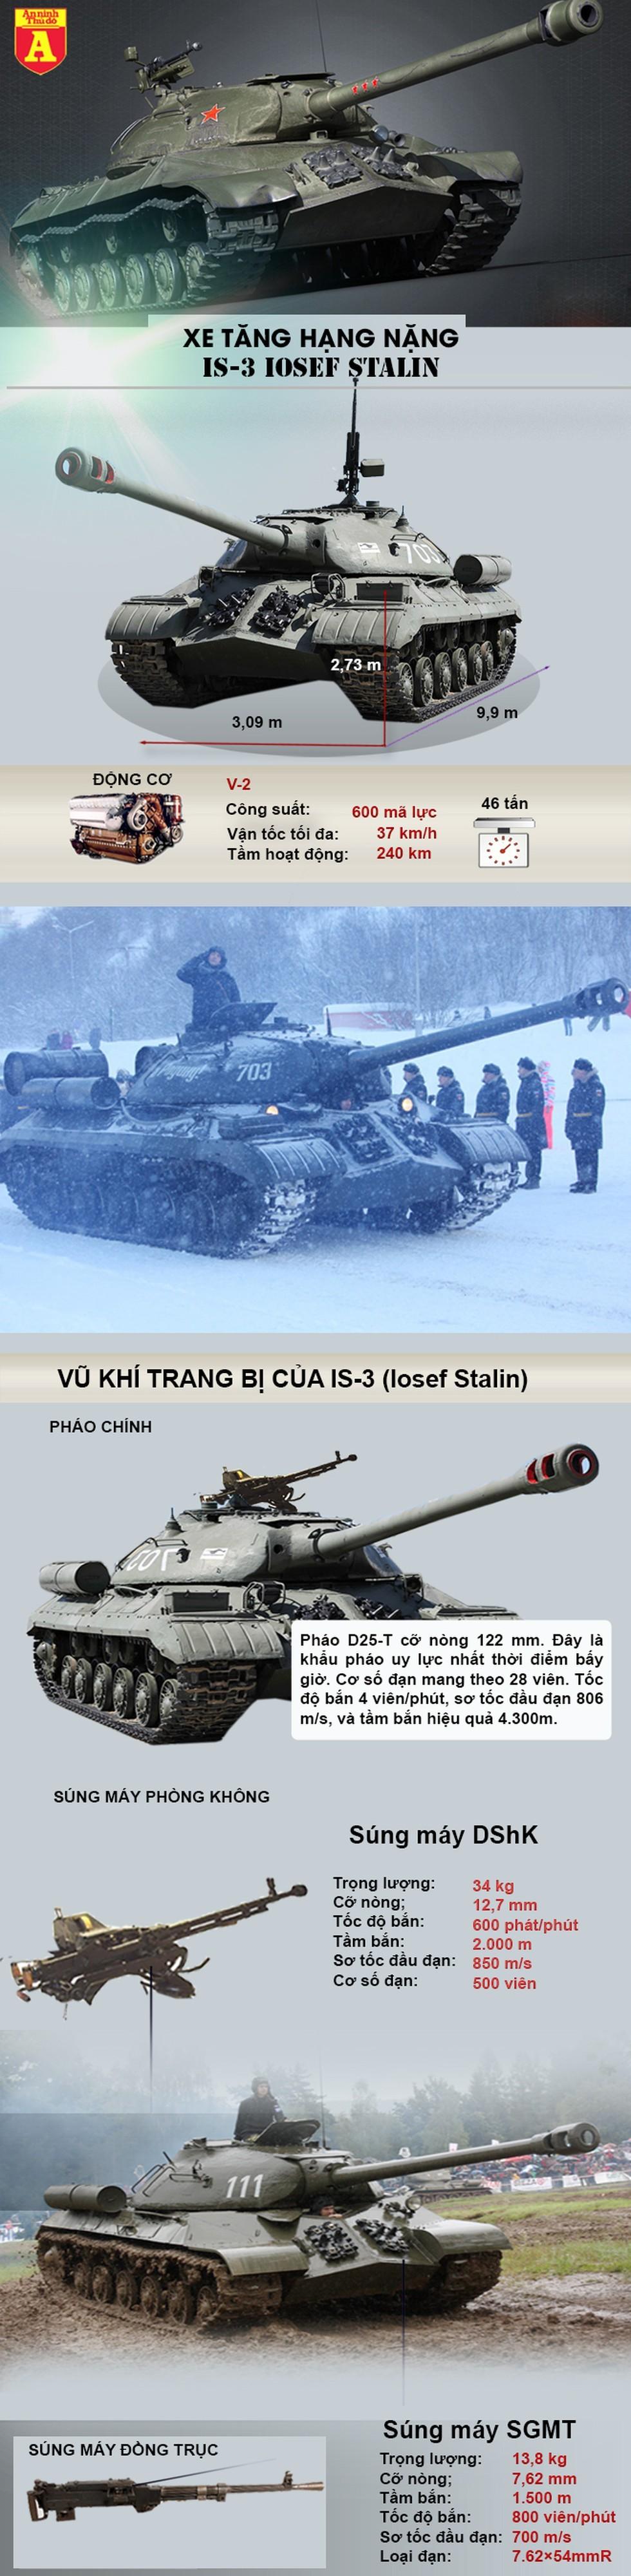 [Info] Siêu xe tăng IS-3 Josef Stalin từng khiến Mỹ phải ớn lạnh ảnh 2